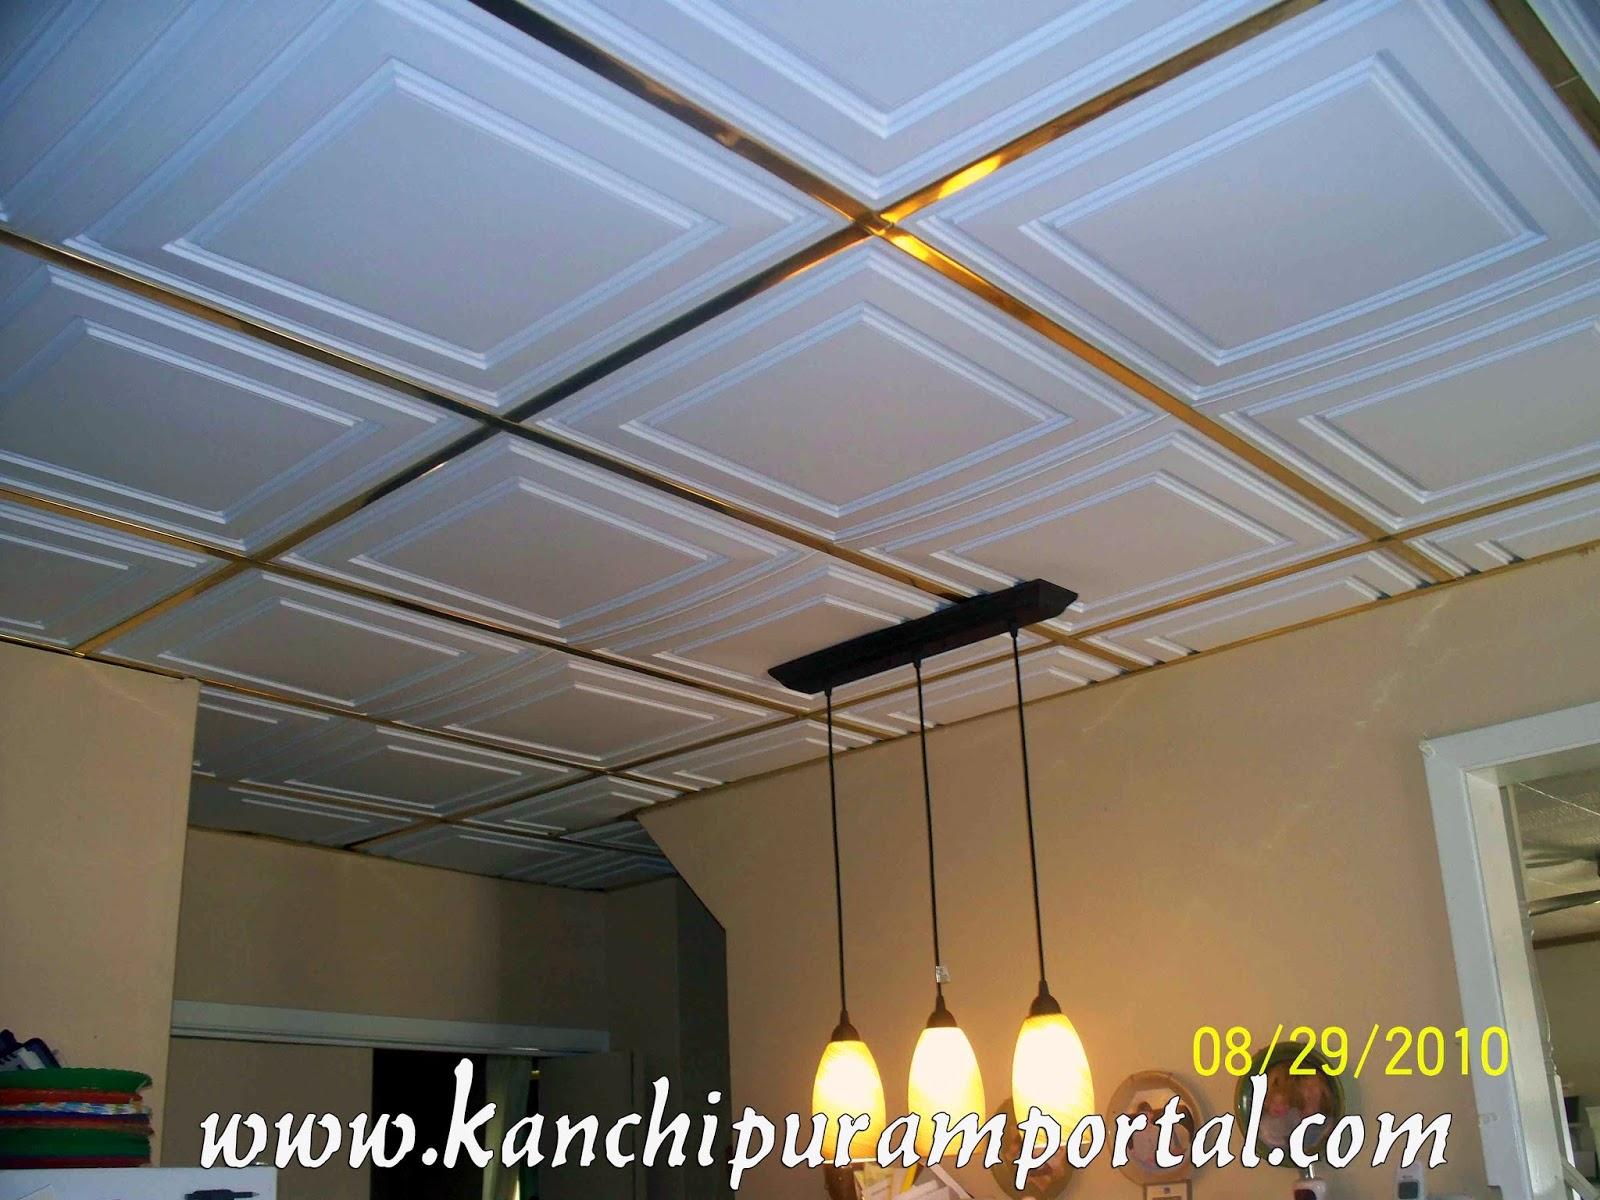 Jkg traders kanchipuram kanchipuram portal ceilings dailygadgetfo Images